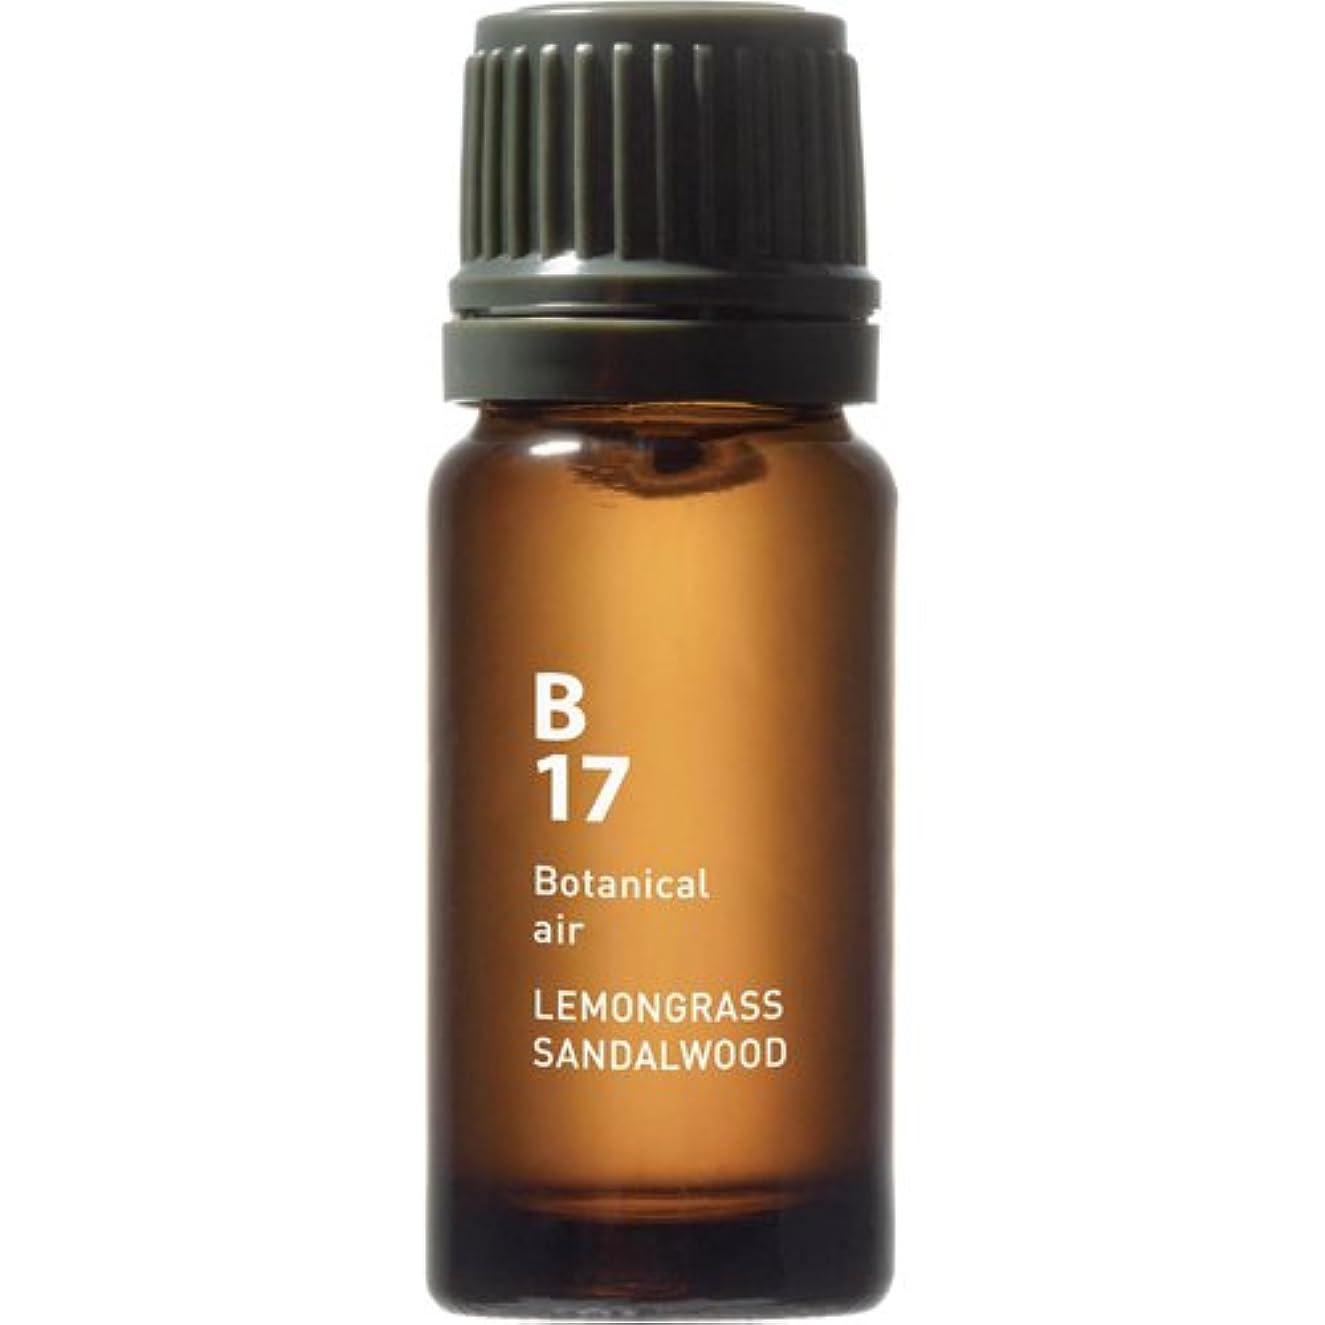 民主主義女優成人期B17 レモングラスサンダルウッド Botanical air(ボタニカルエアー) 10ml